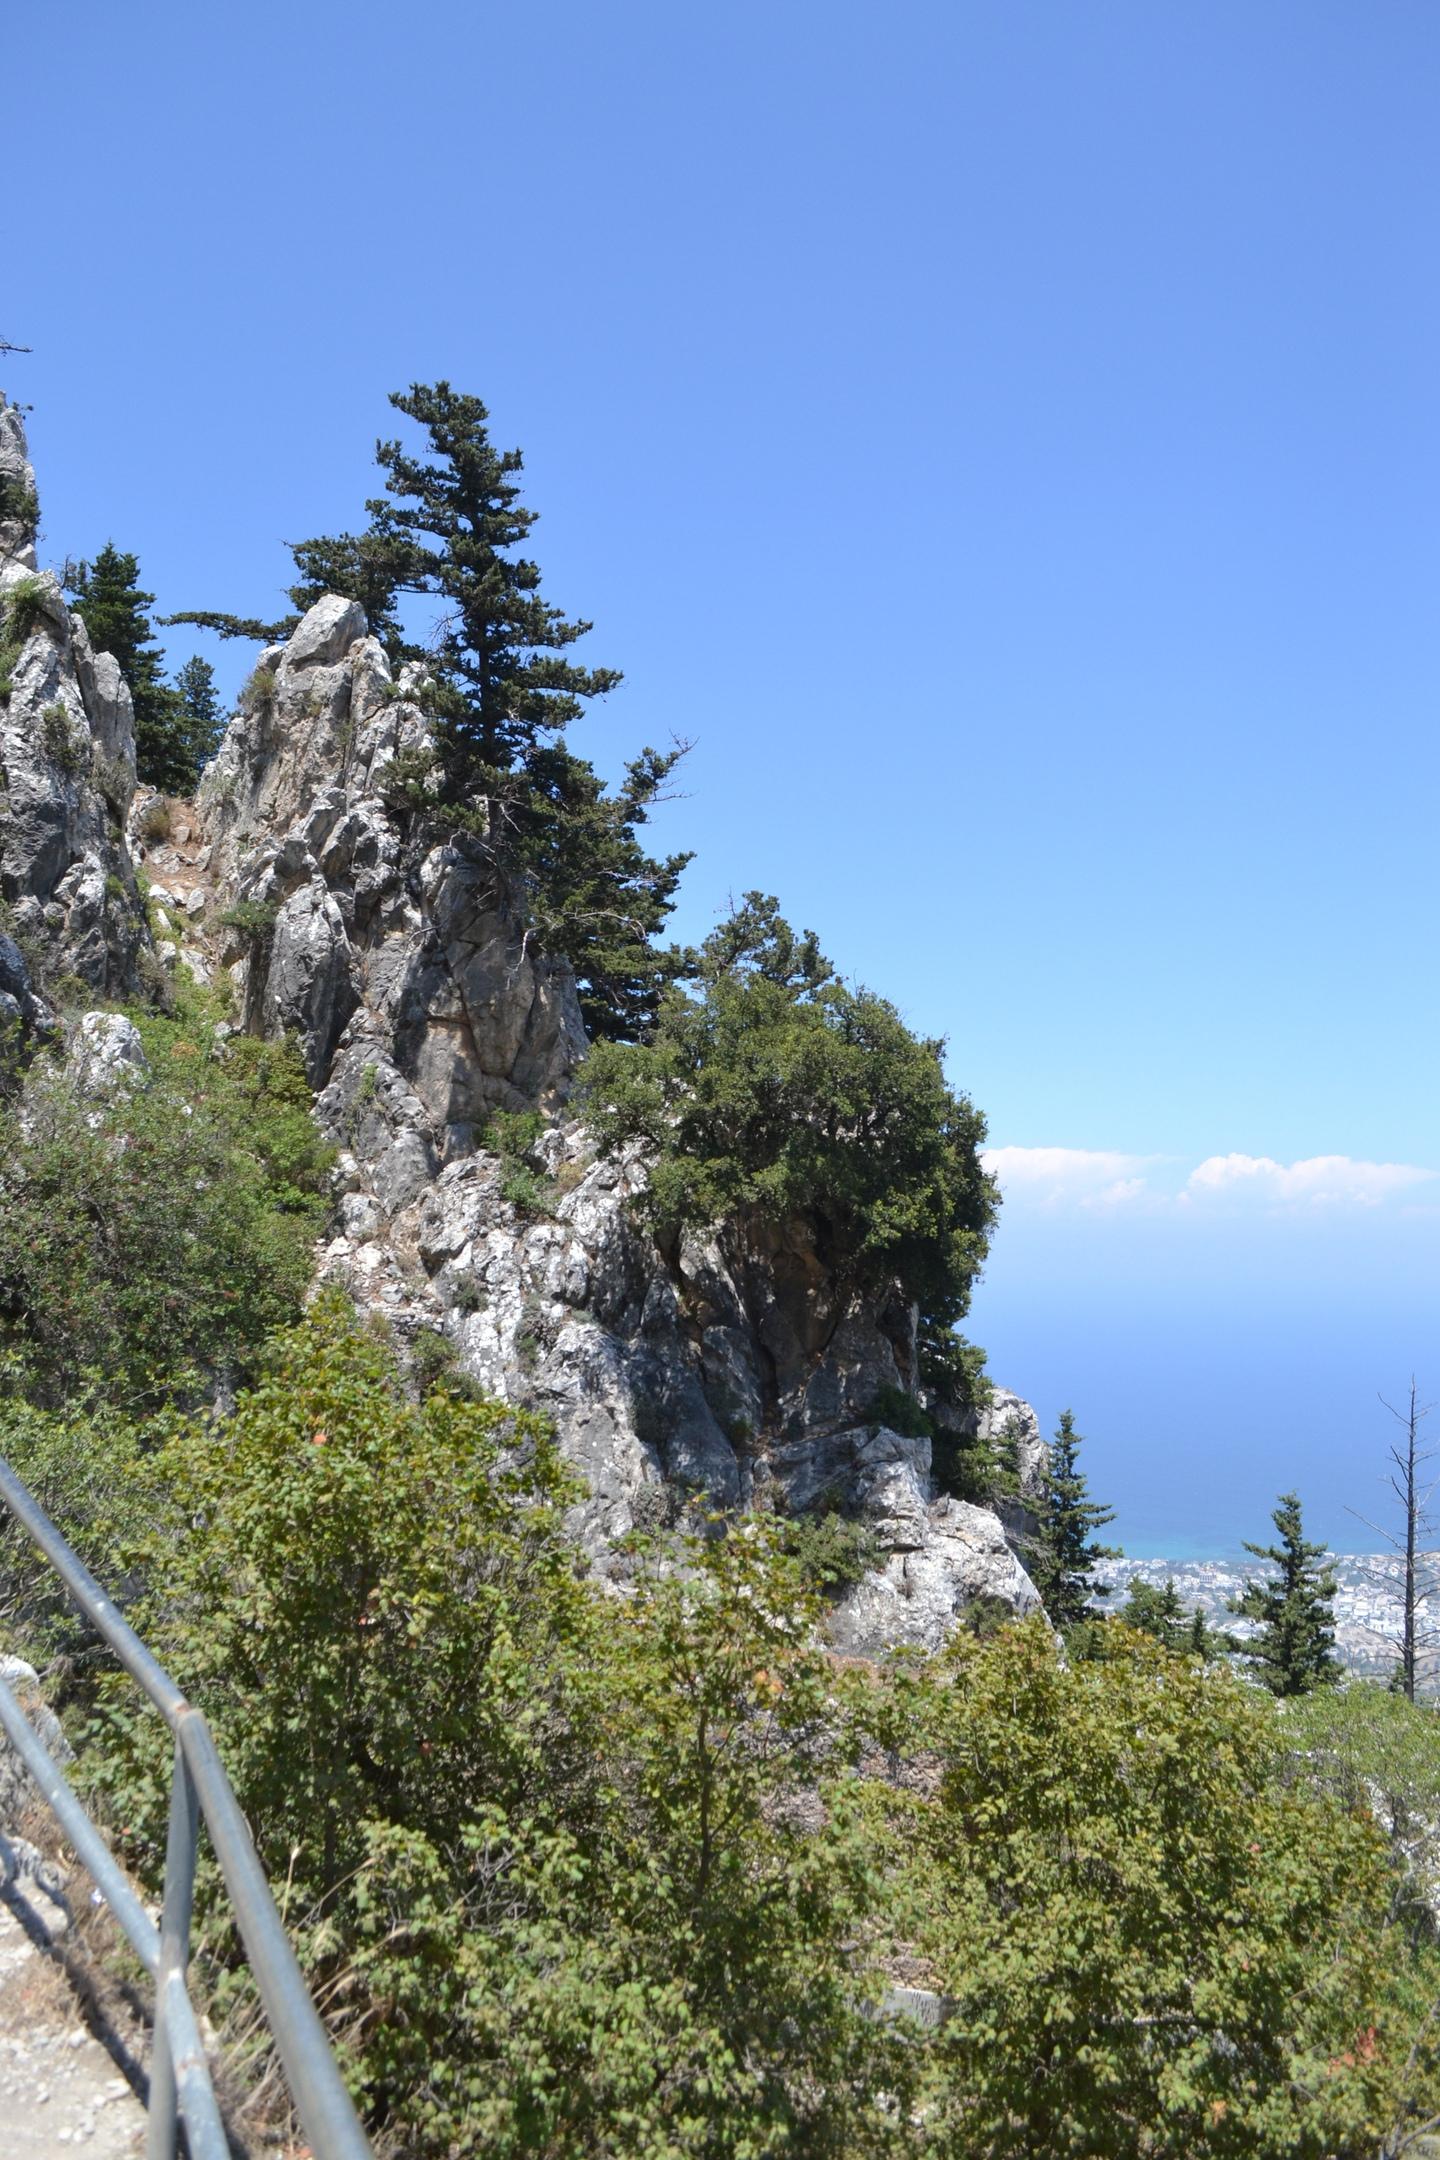 Северный Кипр. Замок Святого Иллариона. (фото). - Страница 2 PUctuG-02P0